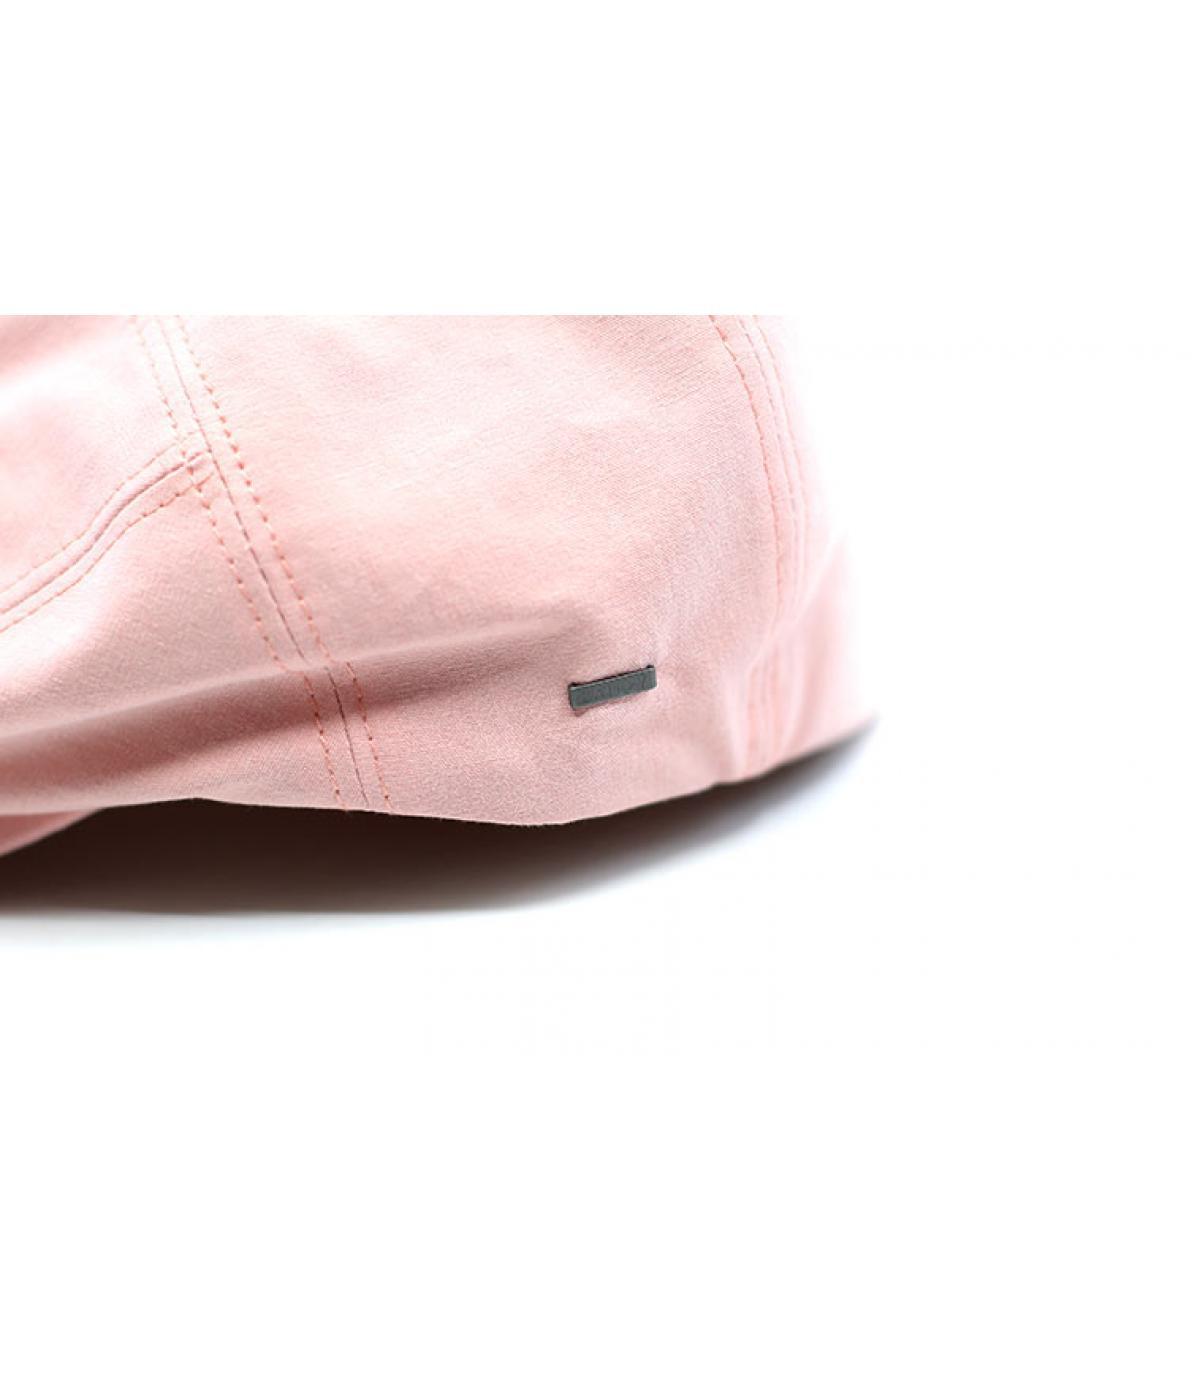 Détails Keter preppy pink - image 3